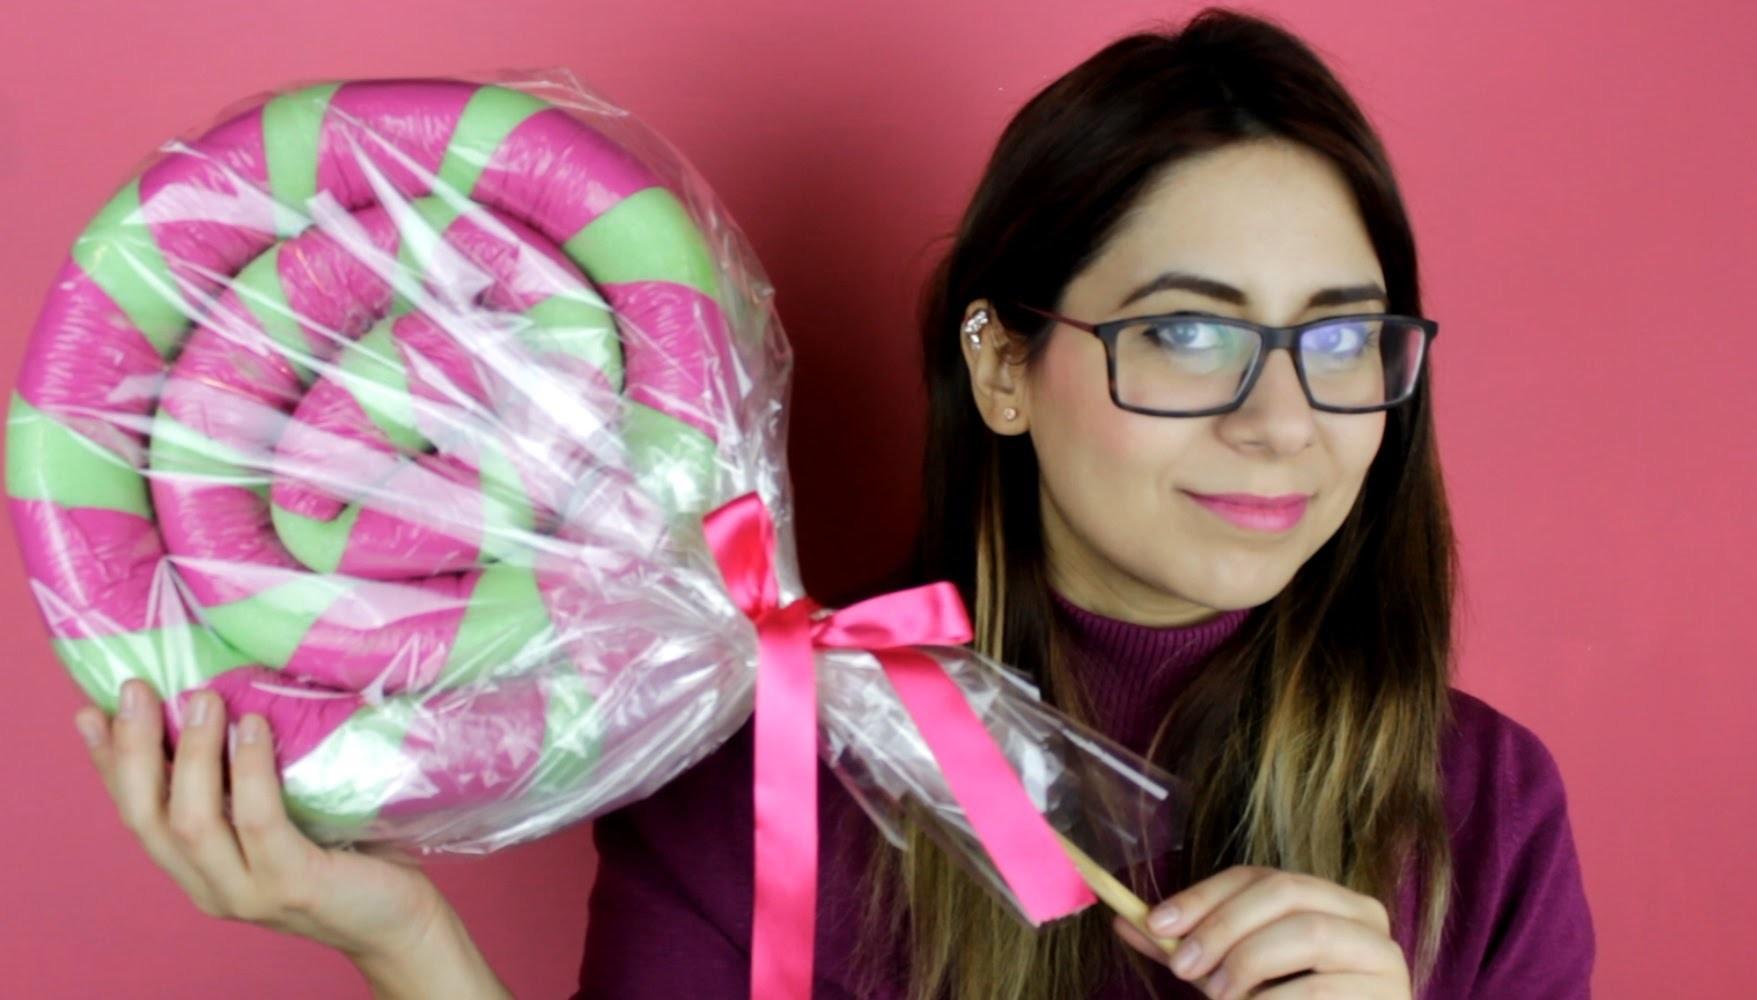 PALETA GIGANTE. Ideas para decorar en Navidad Colaboracion con SONIA ALICIA - Hablobajito